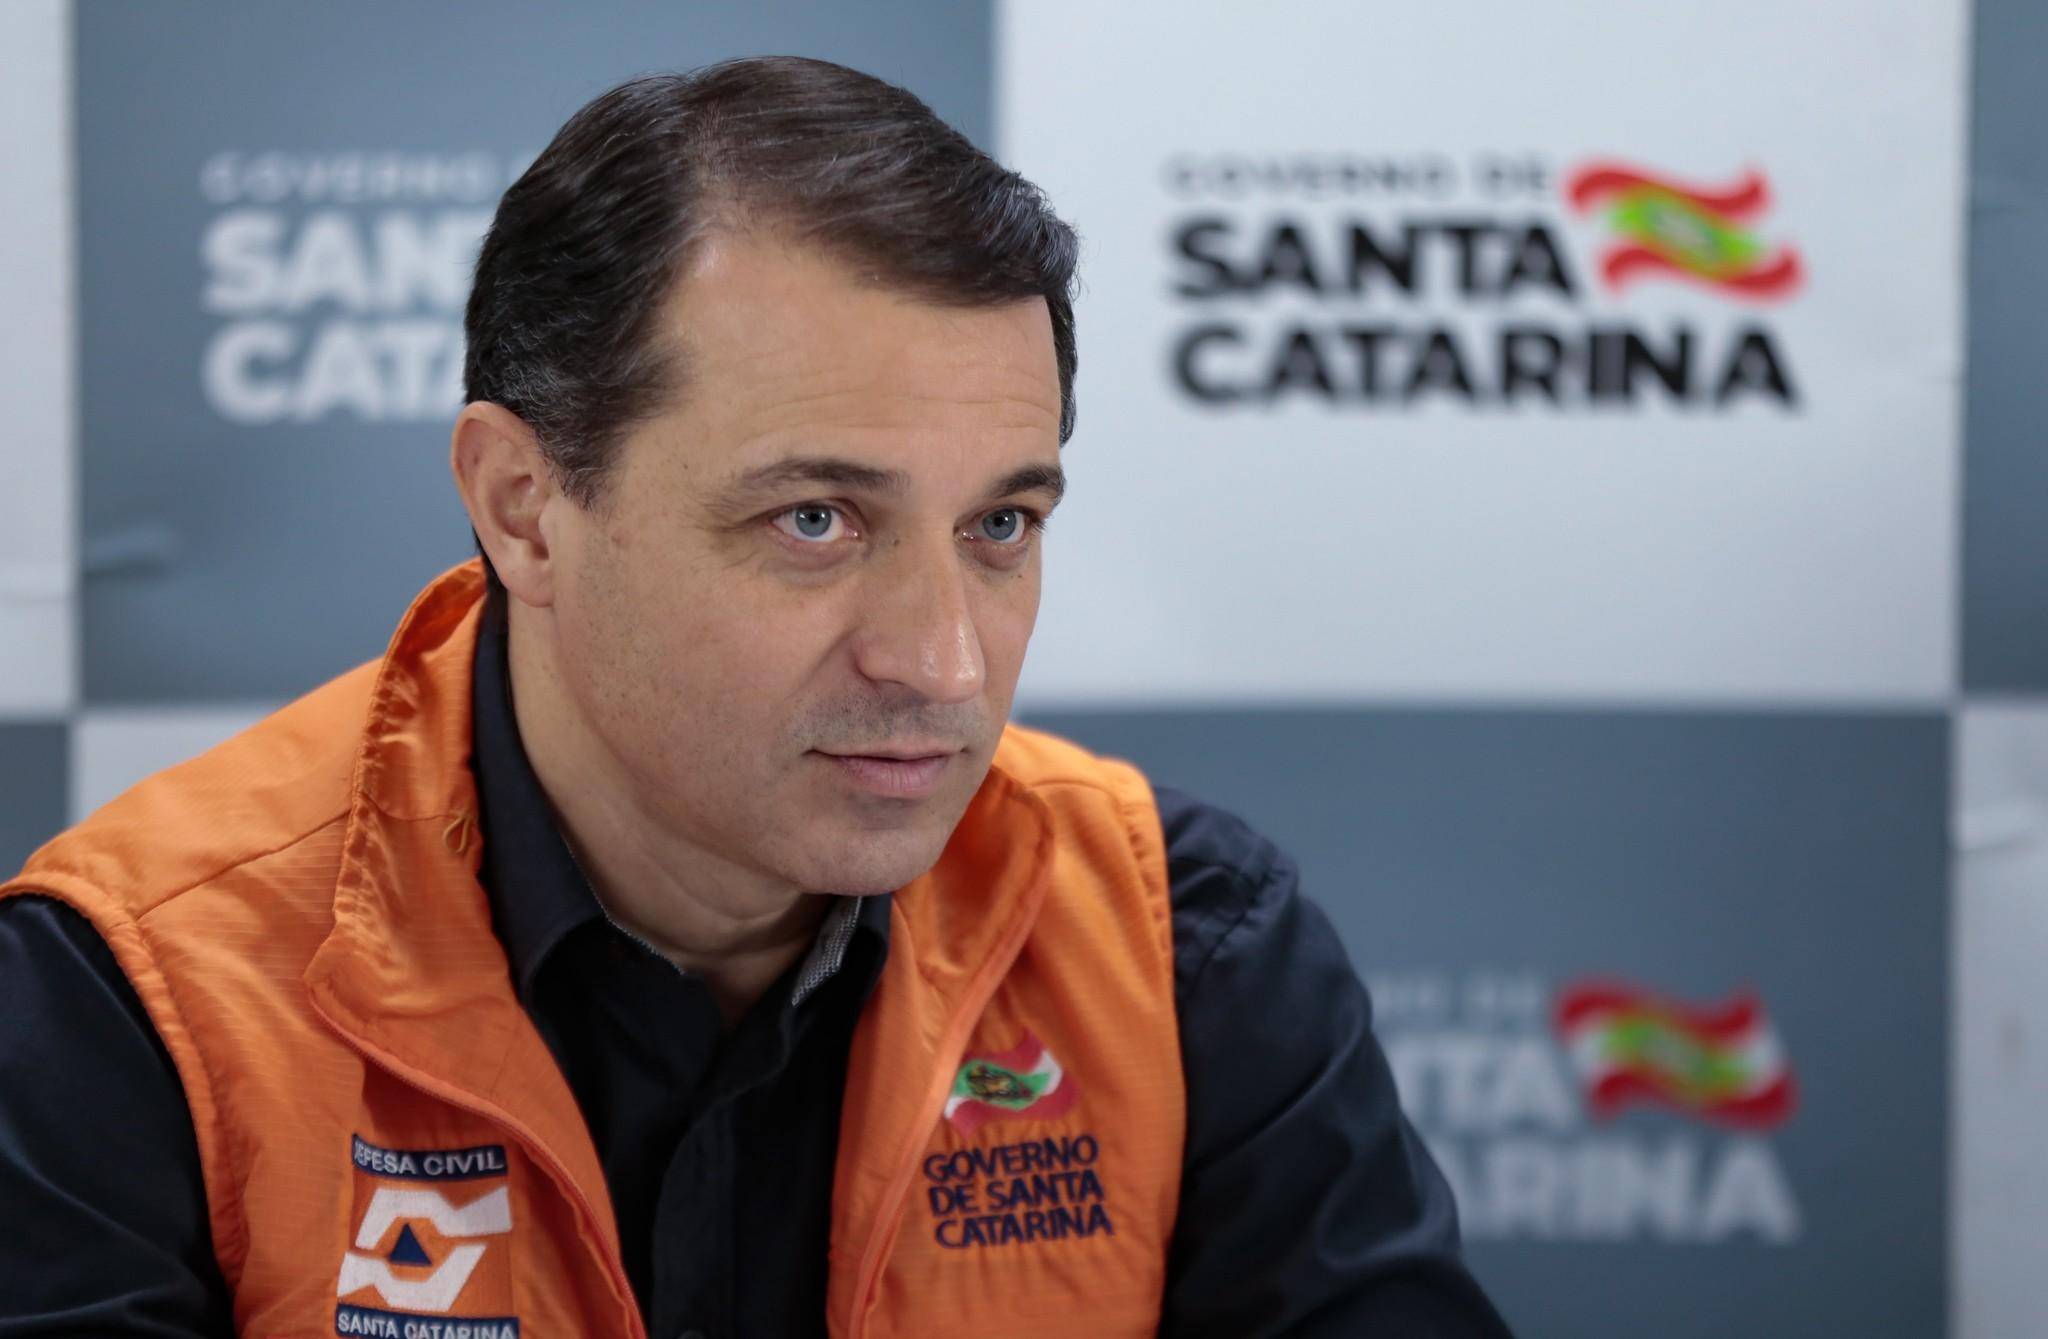 Governador de SC, Carlos Moisés é absolvido em processo de impeachment e retorna ao cargo